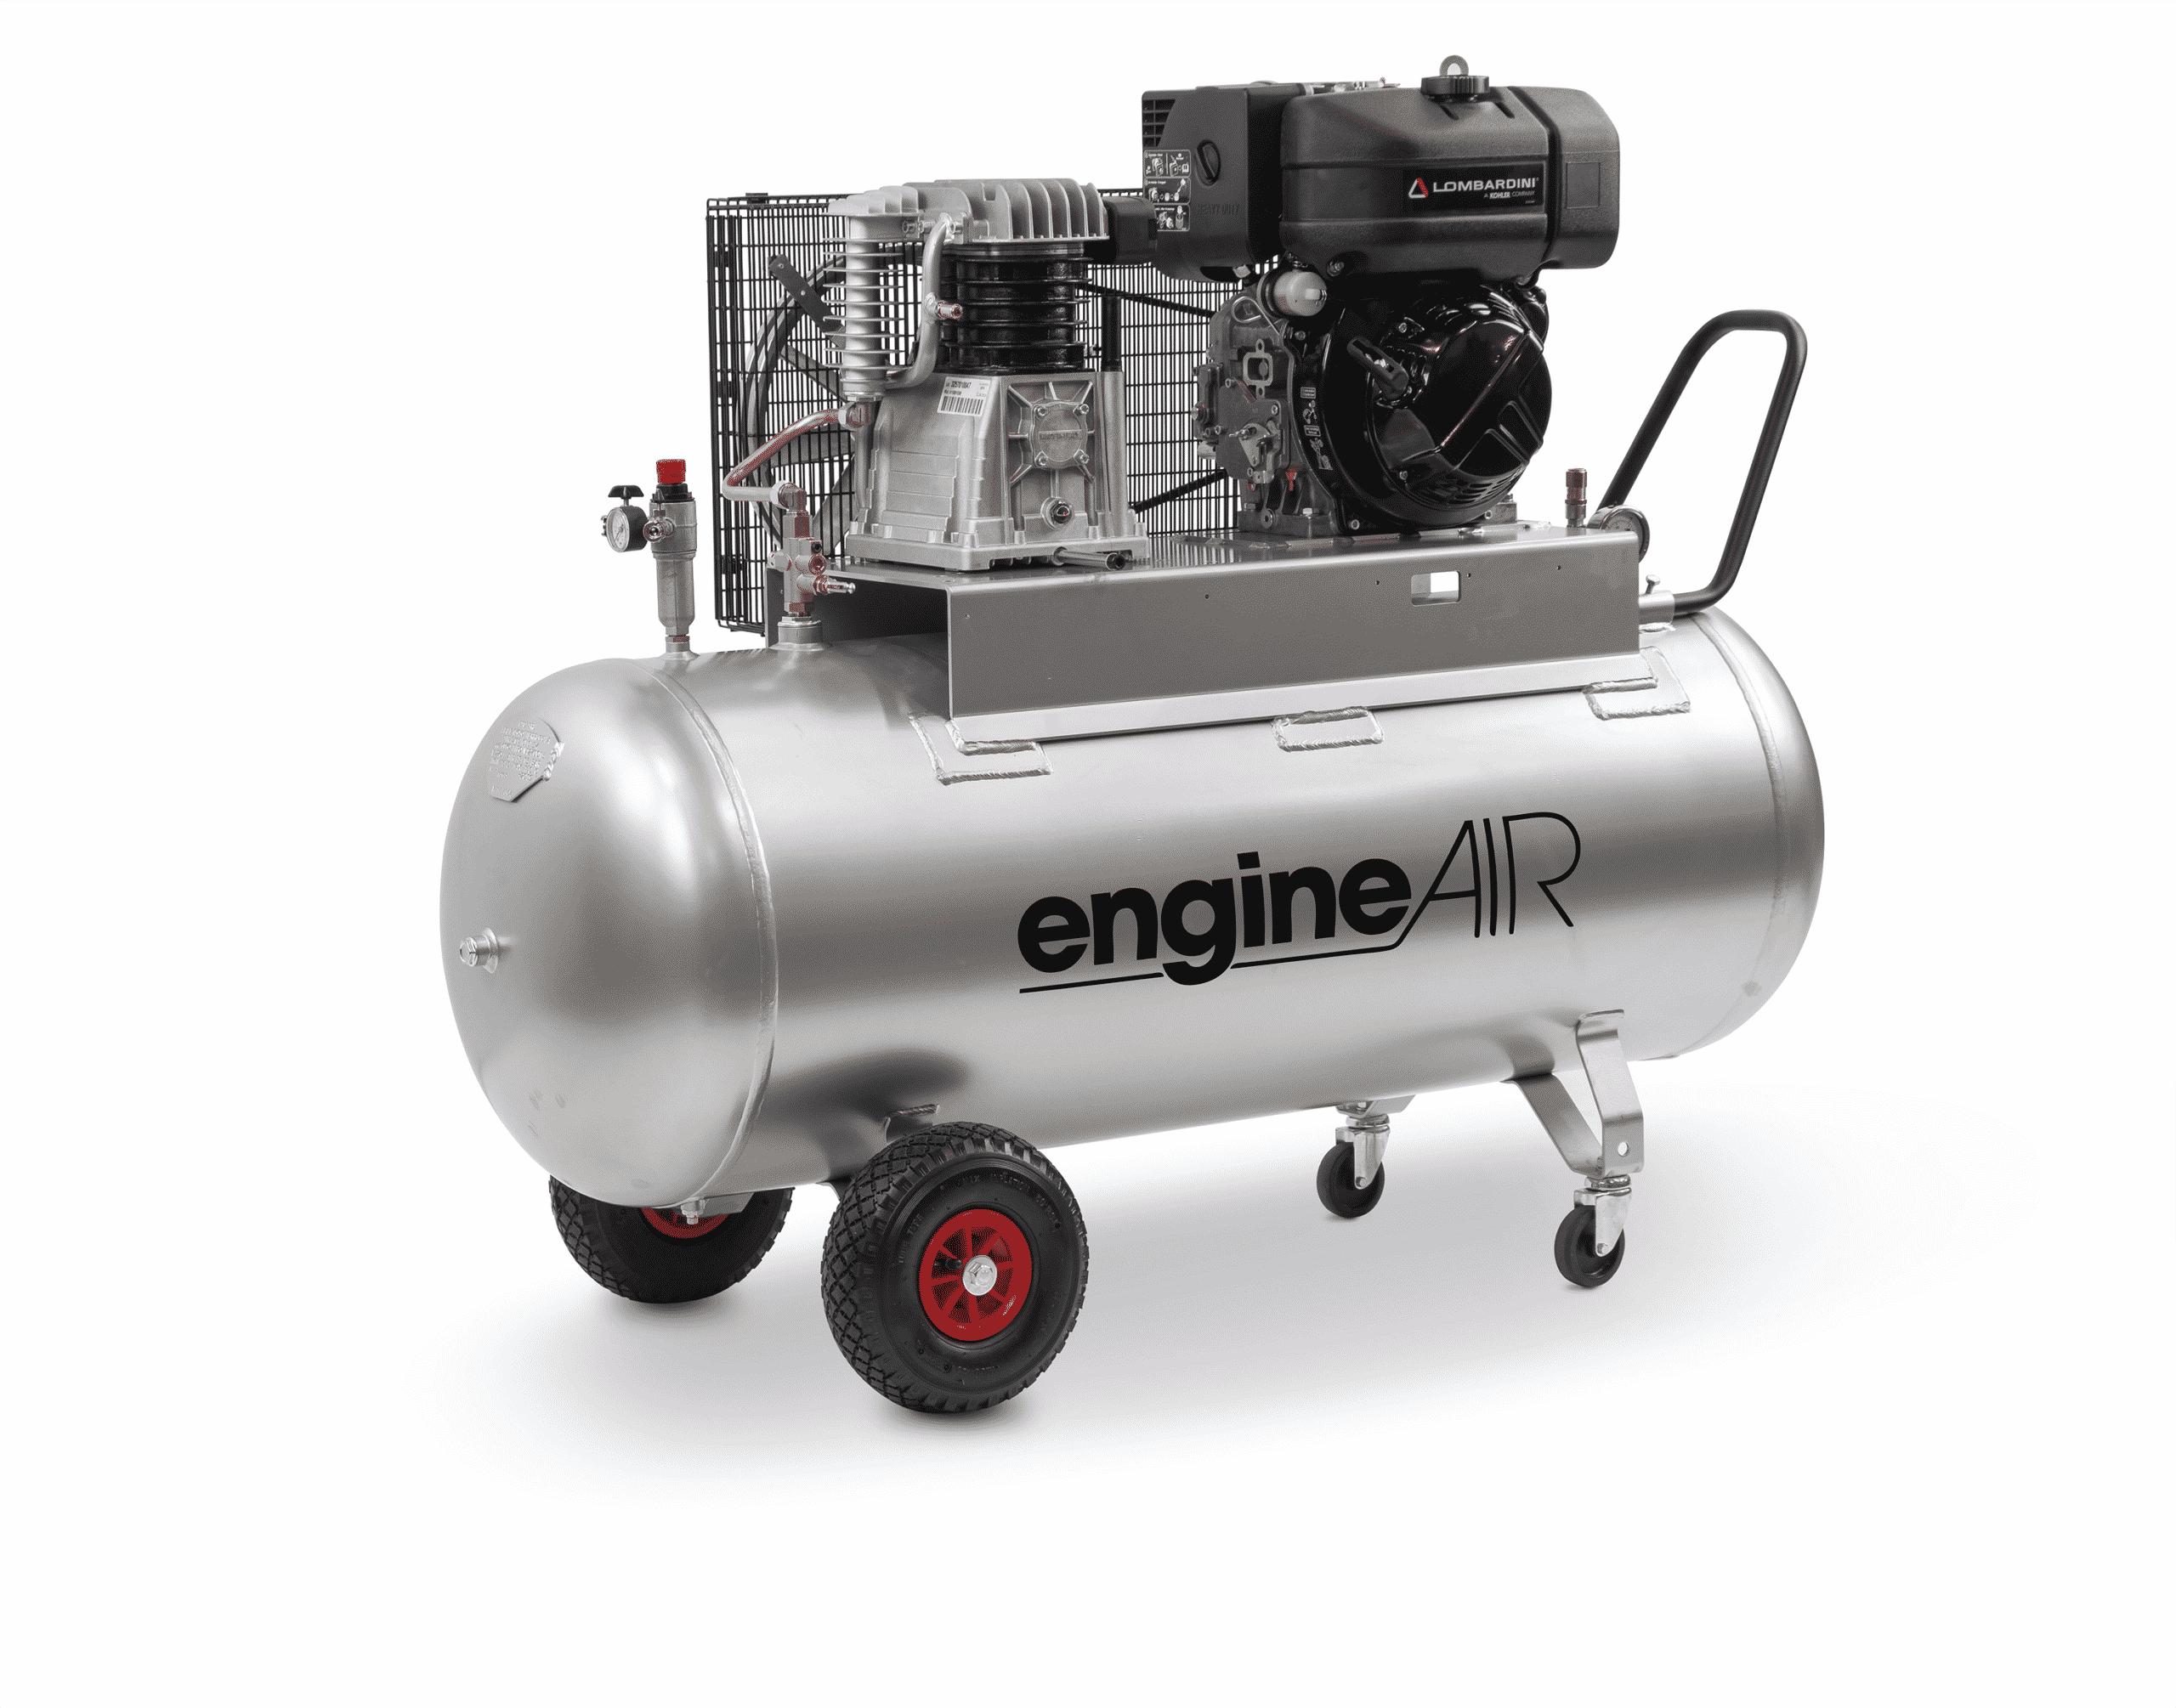 engineAIR 5/270 Diesel